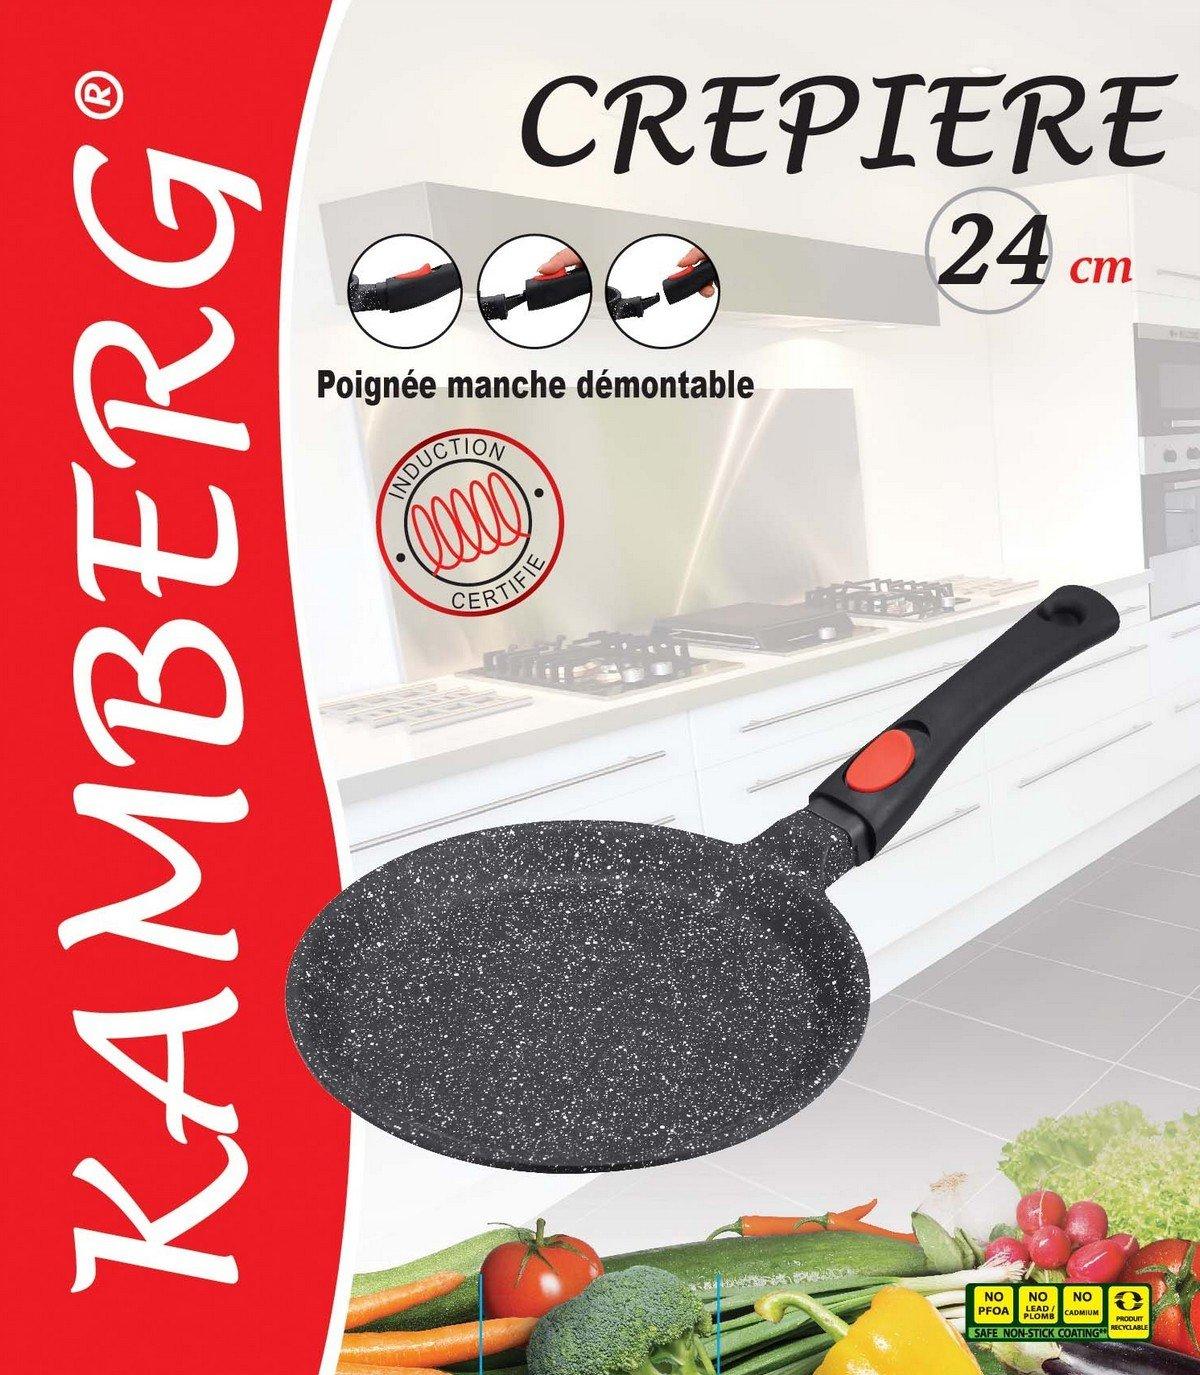 Kamberg - 0008050 - Sartén para crepes 24 cm - Mango Extraíble - Aluminio Fundido - Revestimiento Piedra antiadherente - Todos los incendios, ...